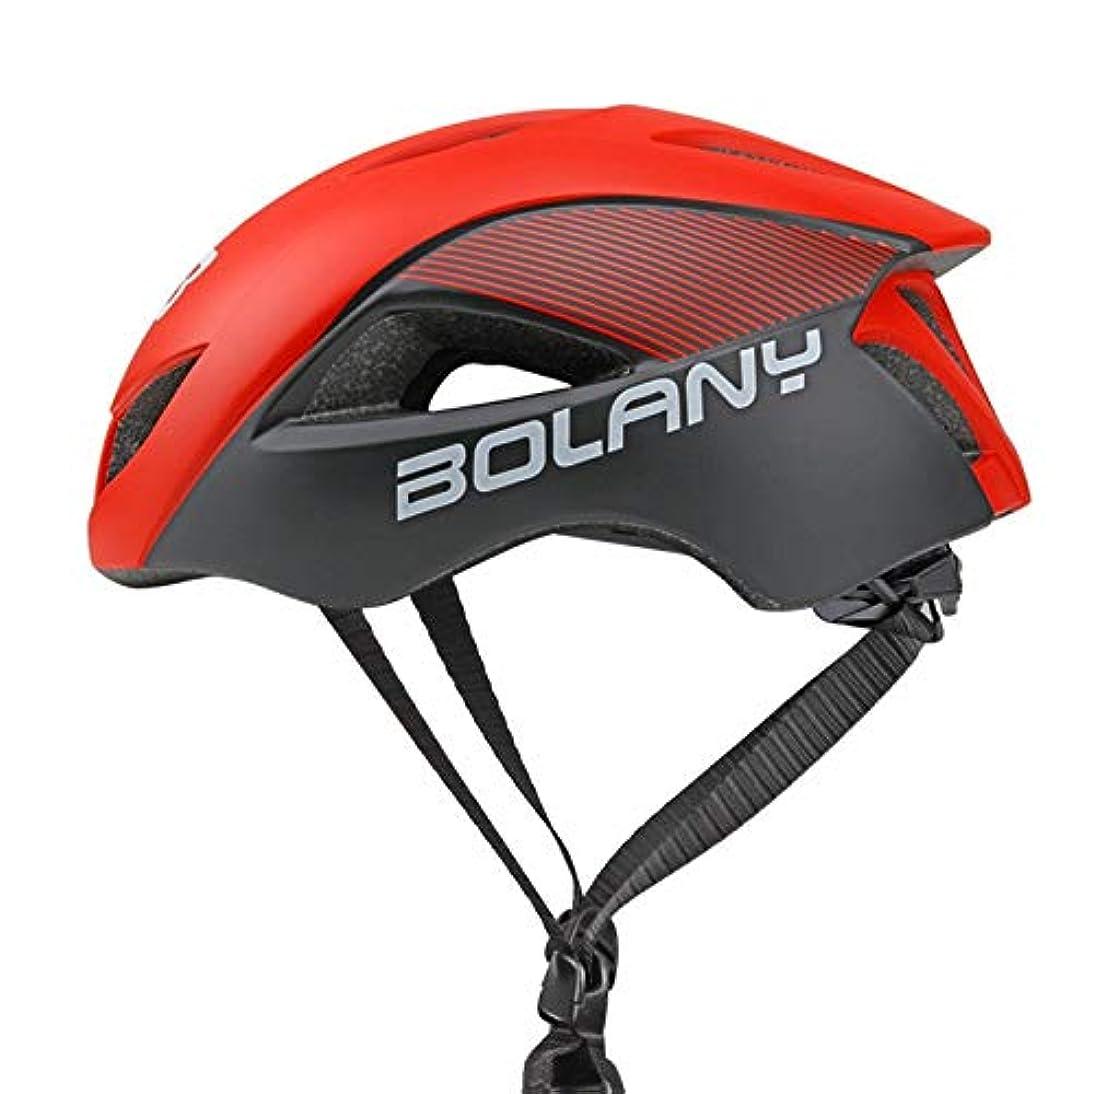 耕す厚くする切るFeelyer ファッション自転車用ヘルメットカラフルな乗馬用ヘルメット持ち運びが簡単安全で安定した耐摩耗性ヘルメット 顧客に愛されて (Color : Red)